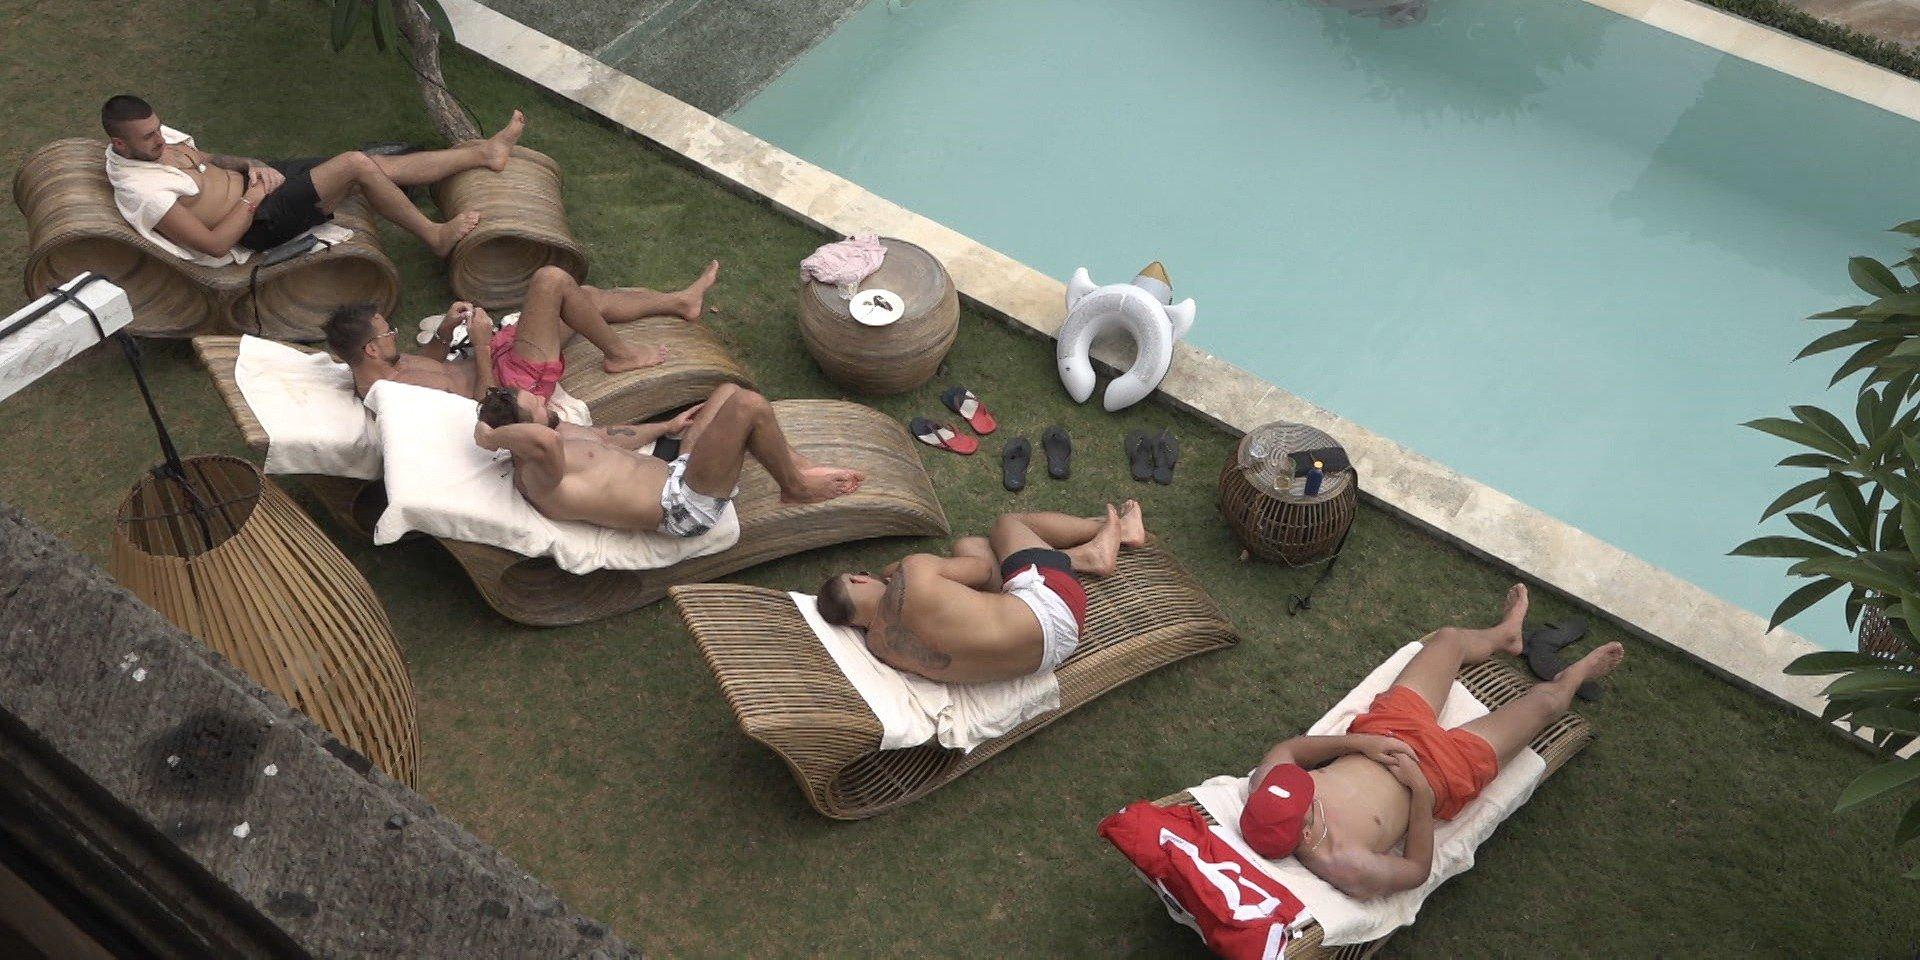 Hotel Paradise 2 - bad boy w Hotelu! (zapowiedź odcinka 13)